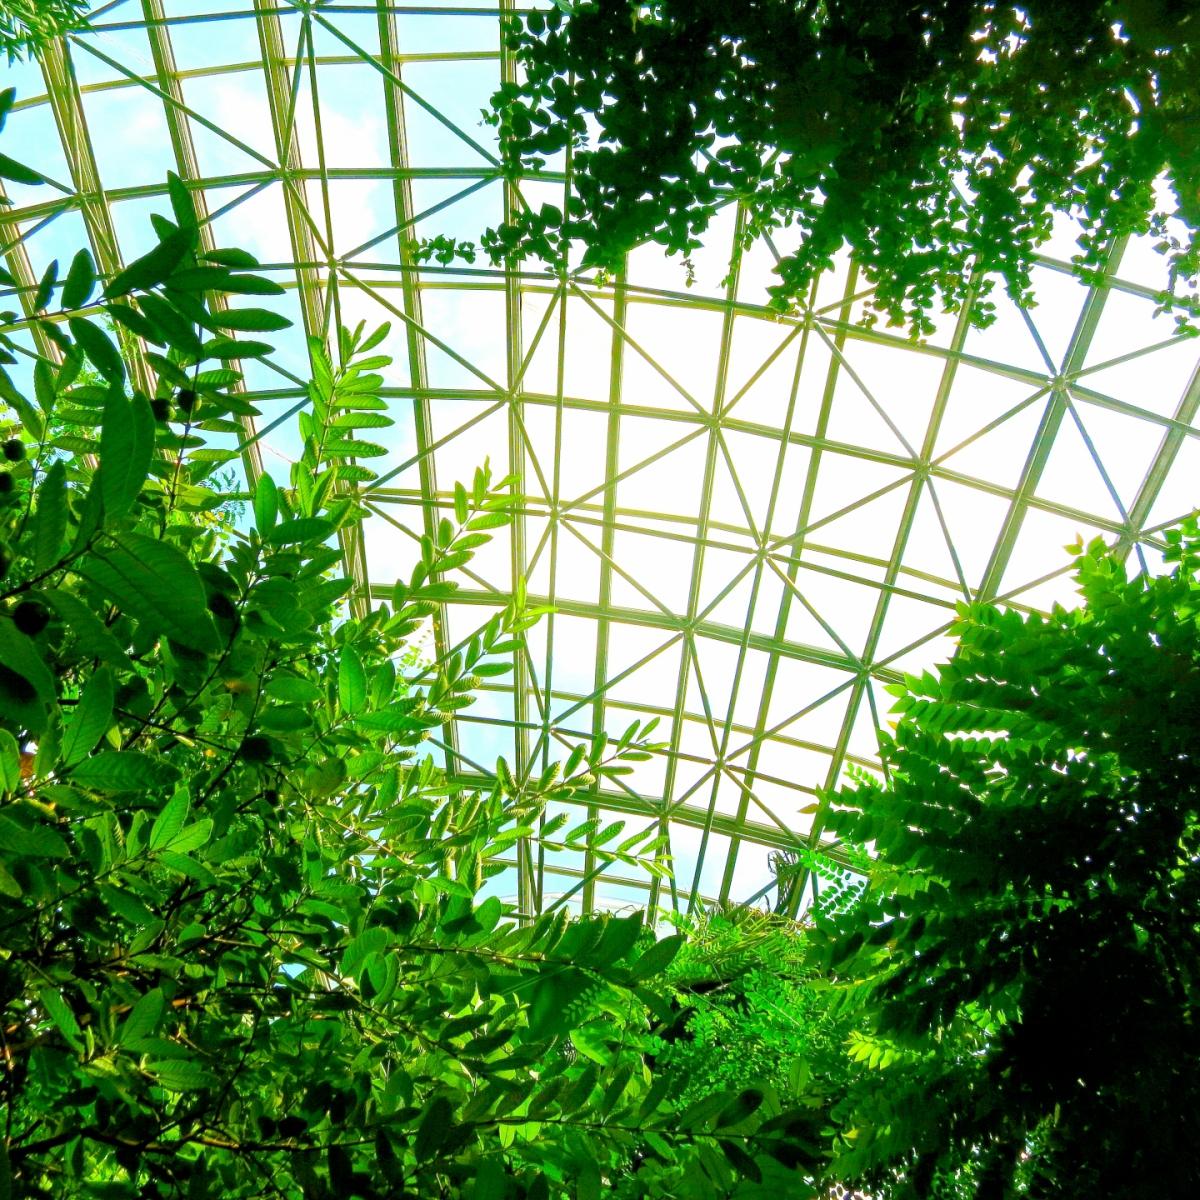 おすすめ!一度は行ってみたい全国で人気の植物園9選